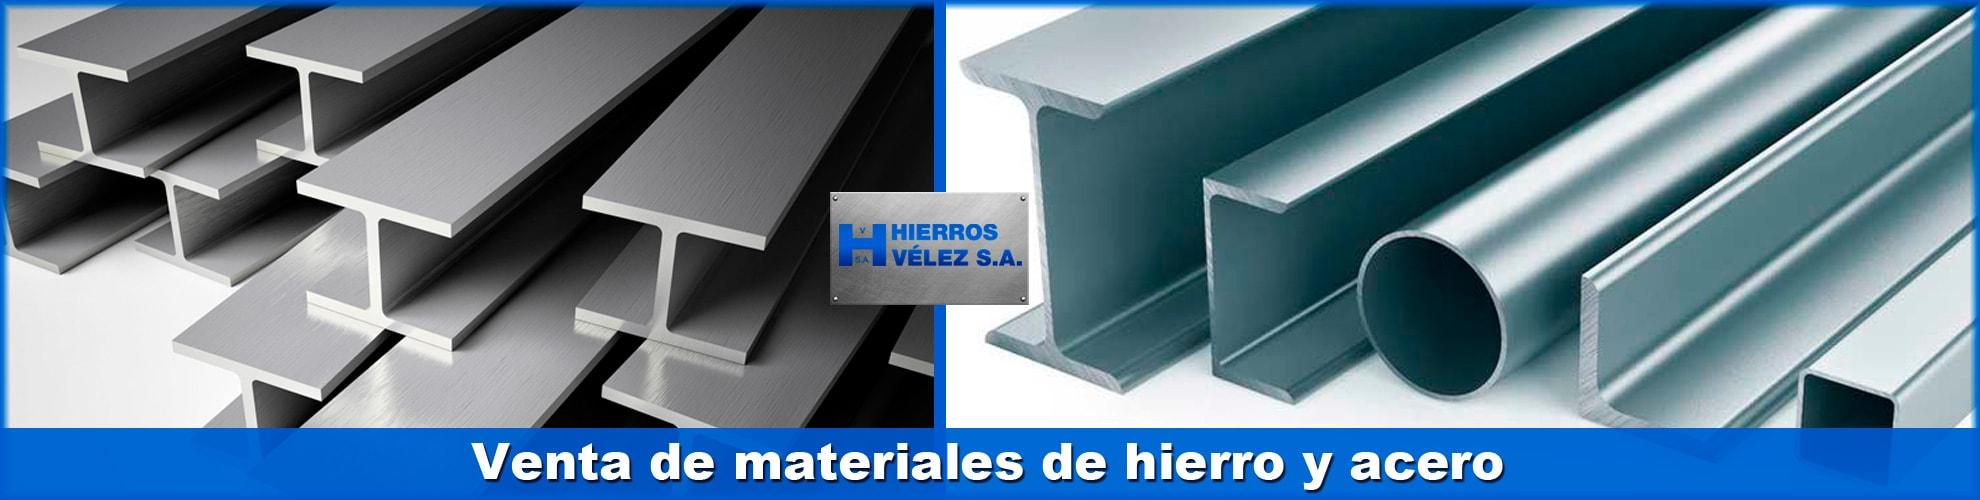 Hierros granada venta de materiales de hierro y acero - Pletinas de hierro ...